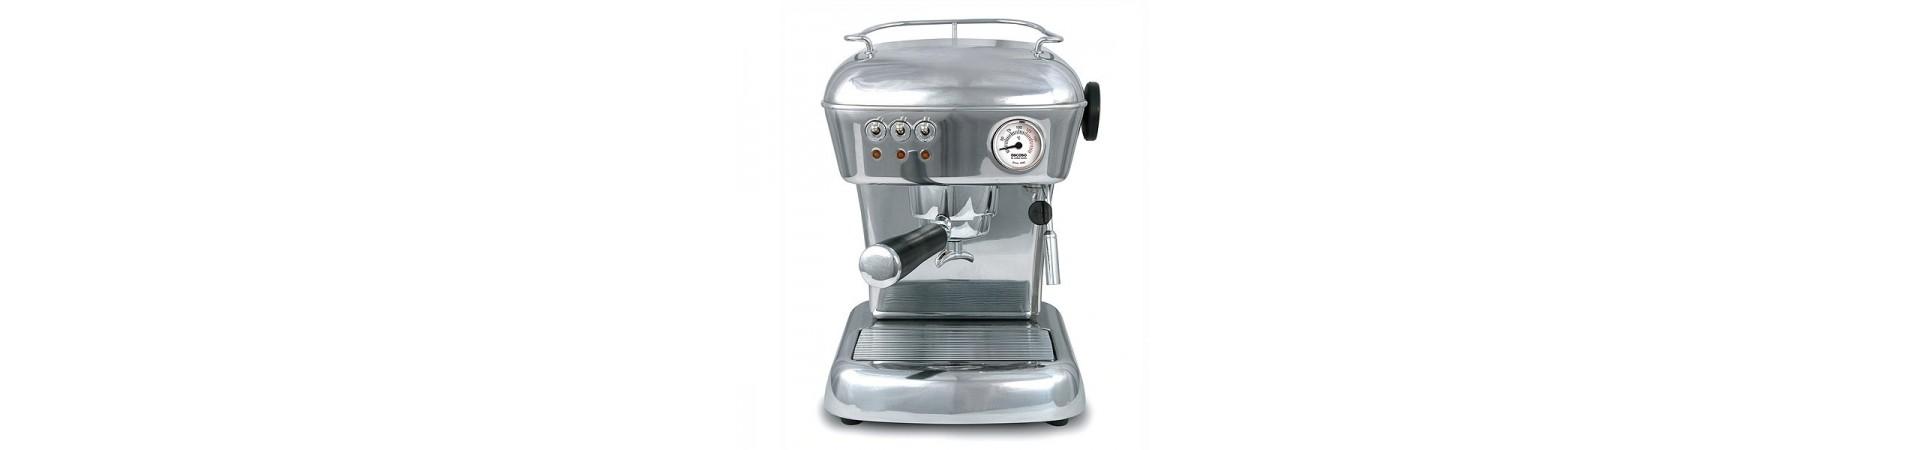 Cafeteras y molinillos profesionales y domésticos, tradicionales y semiautomáticas online con garantía y envío rápido.